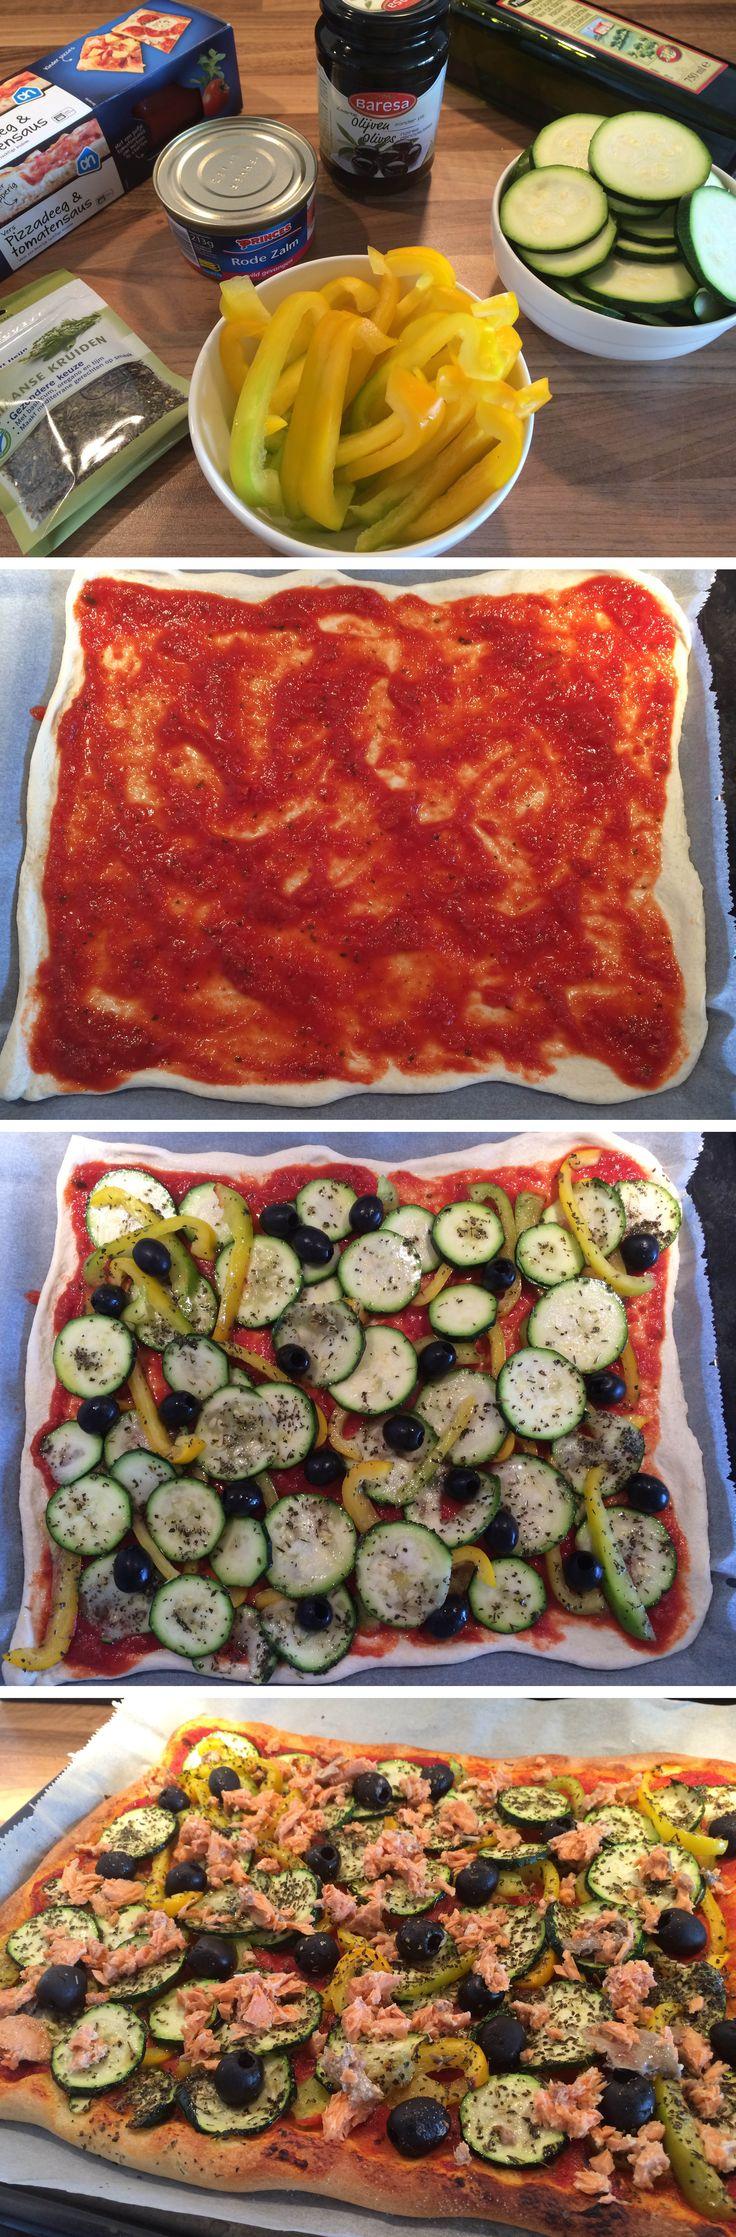 Heerlijk pizza met zalm, courgette, paprika en olijven! Kijk voor het recept op de site!